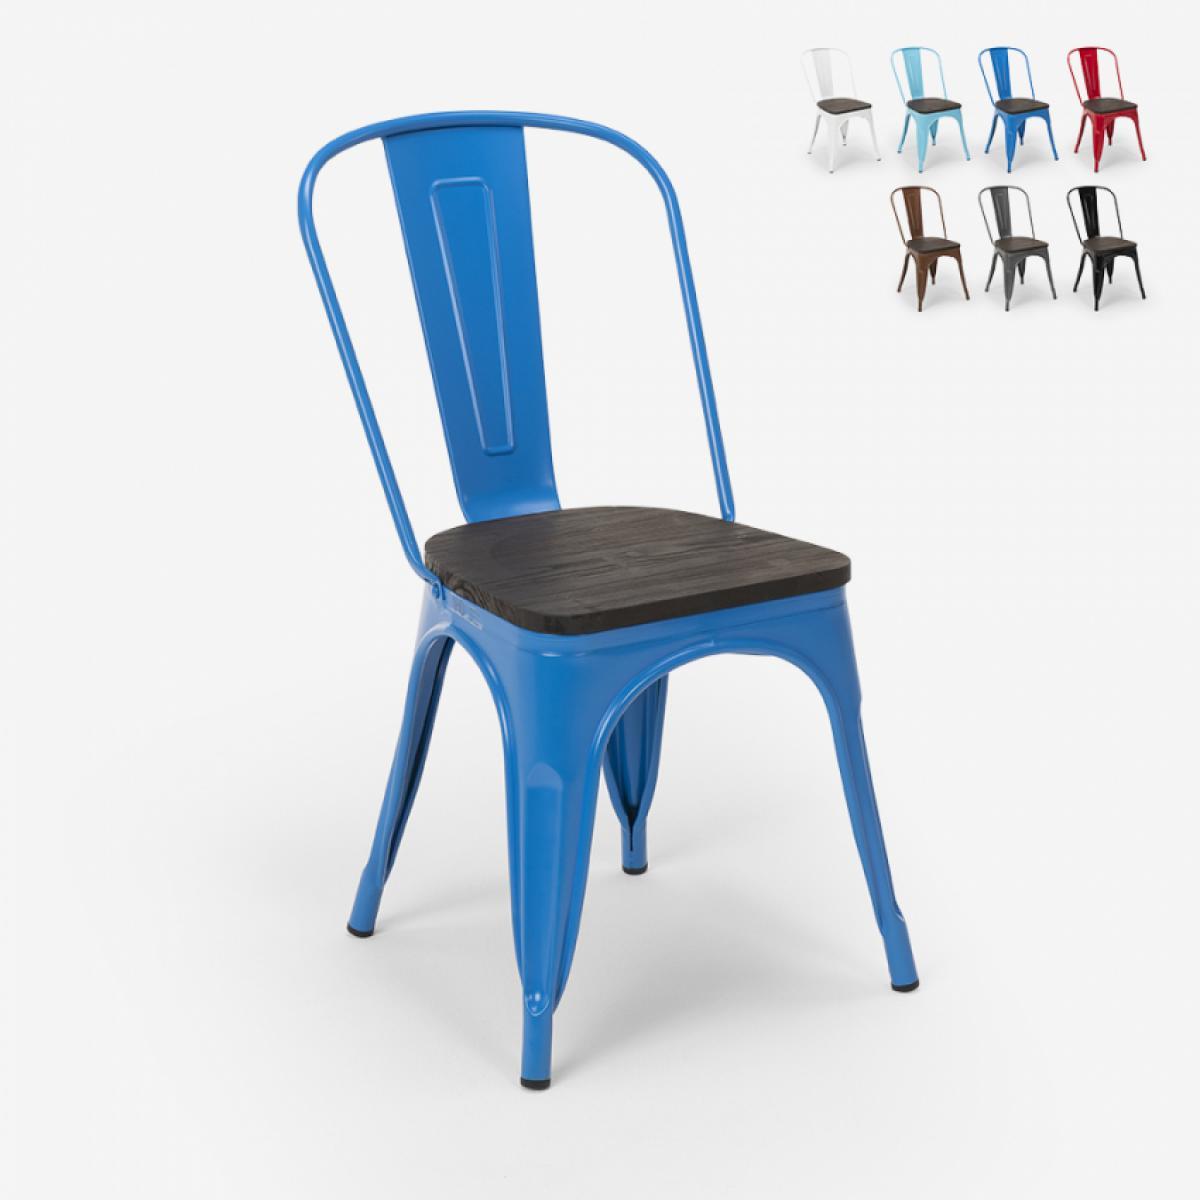 Ahd Amazing Home Design Chaises industrielles en bois et acier Tolix pour cuisine et bar Steel Wood, Couleur: Bleu